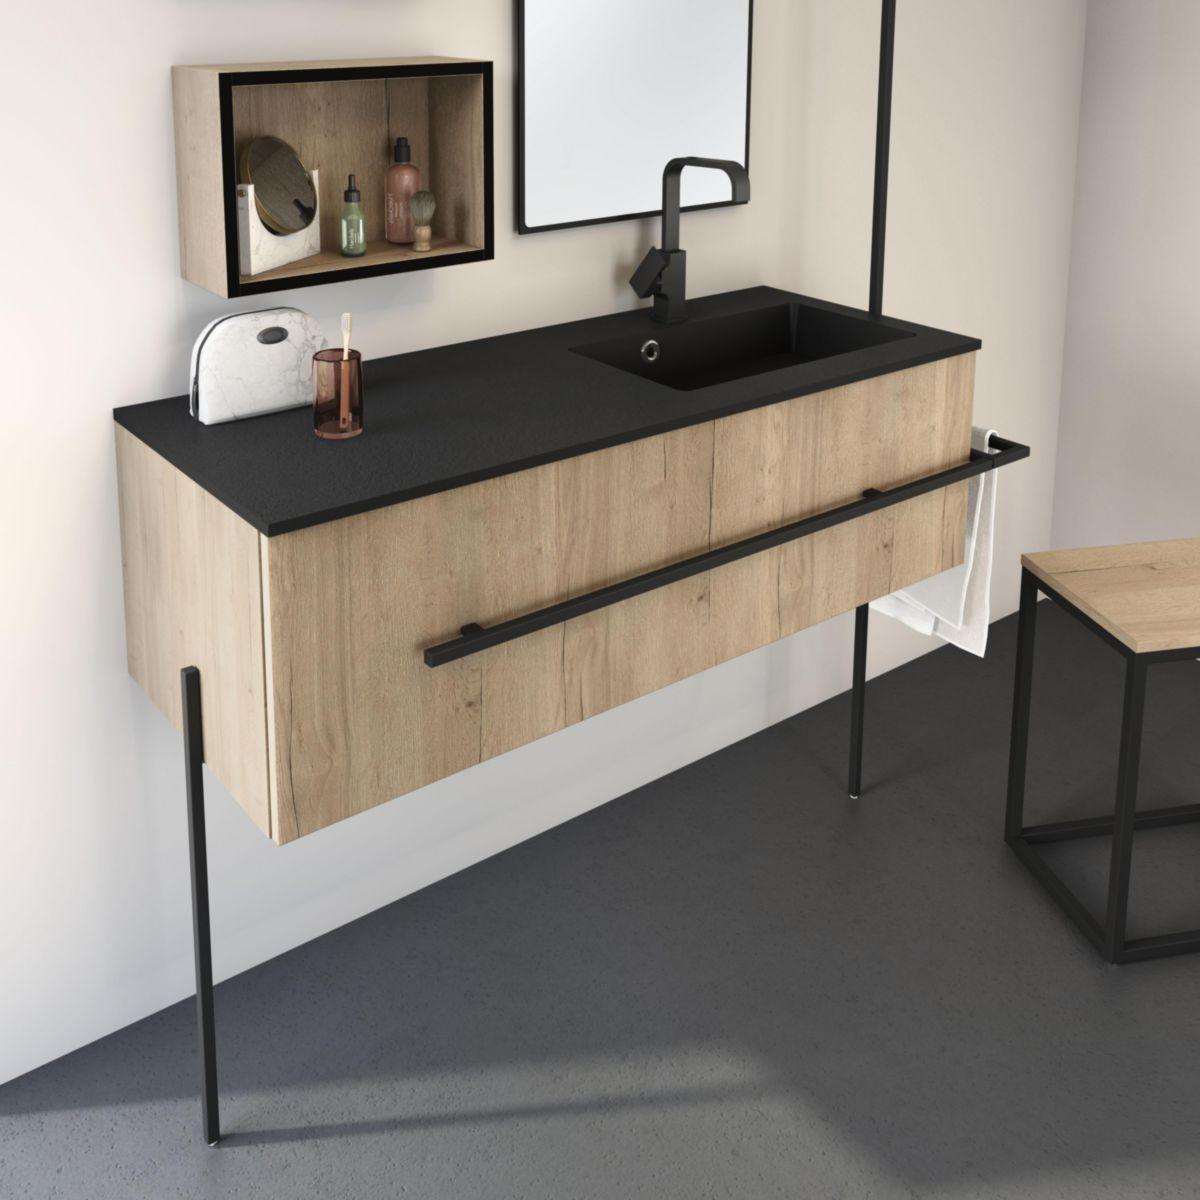 pieds pour meuble sous vasque noir mat